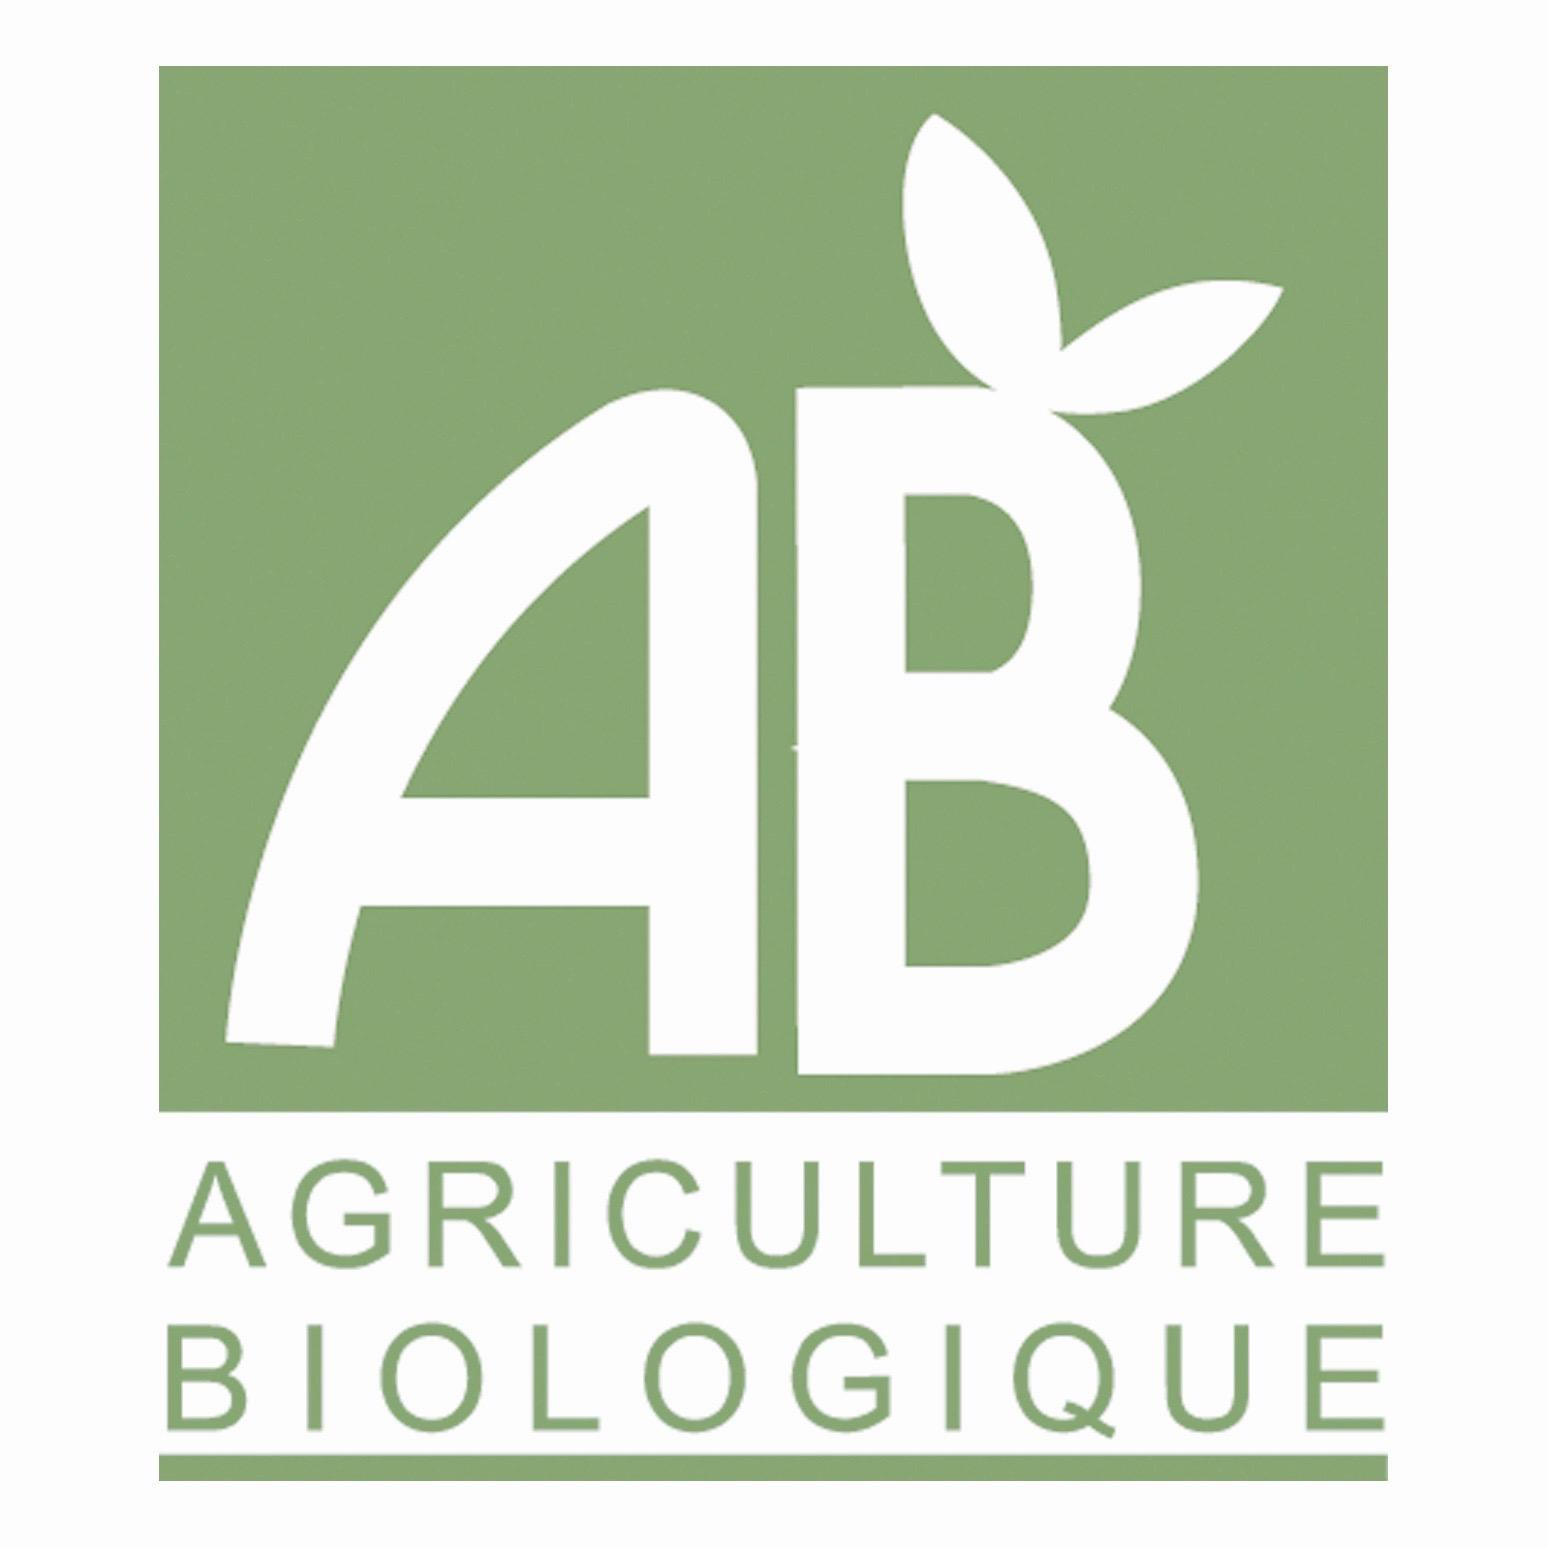 Viticulture biologique ?